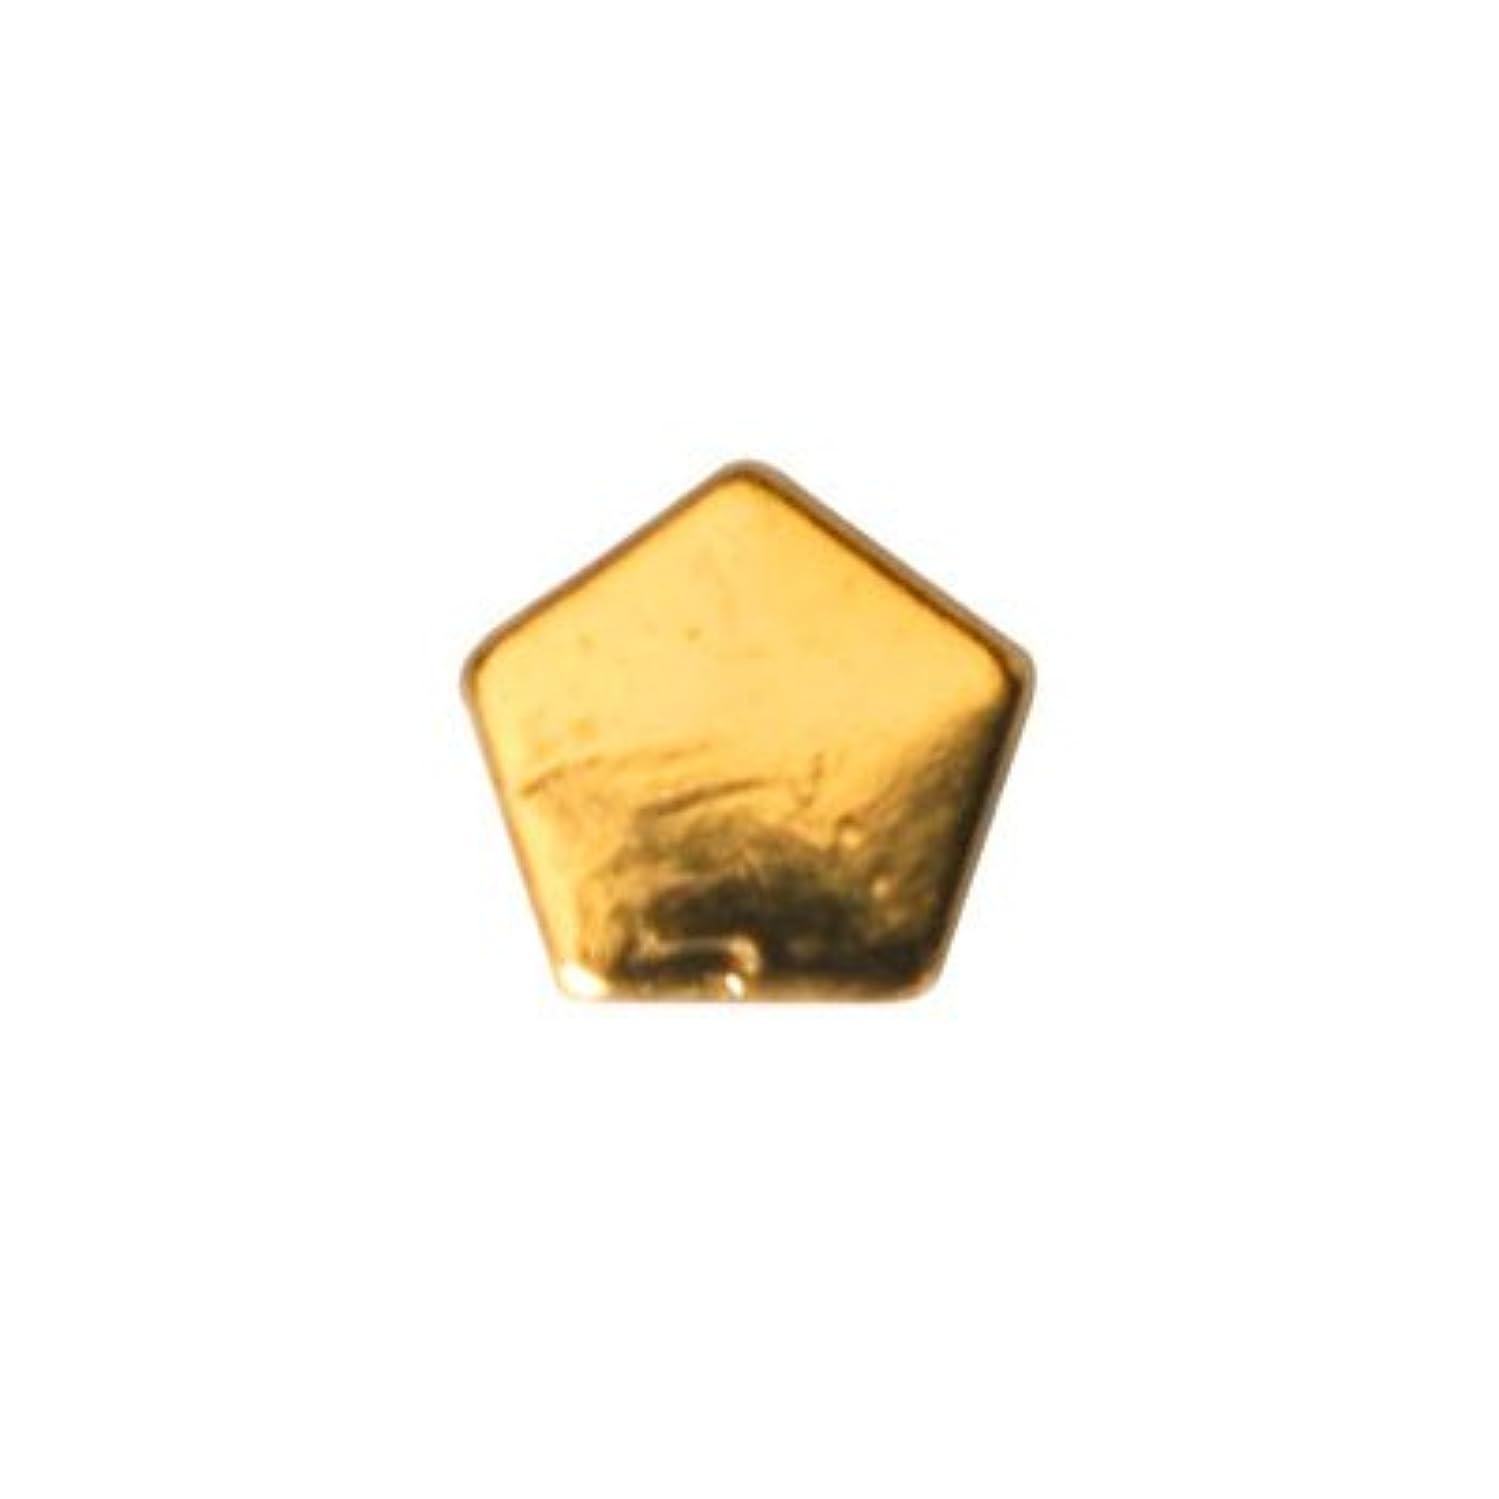 追い越す傷つきやすい前置詞ピアドラ スタッズ ペンタゴン 3mm 50P ゴールド